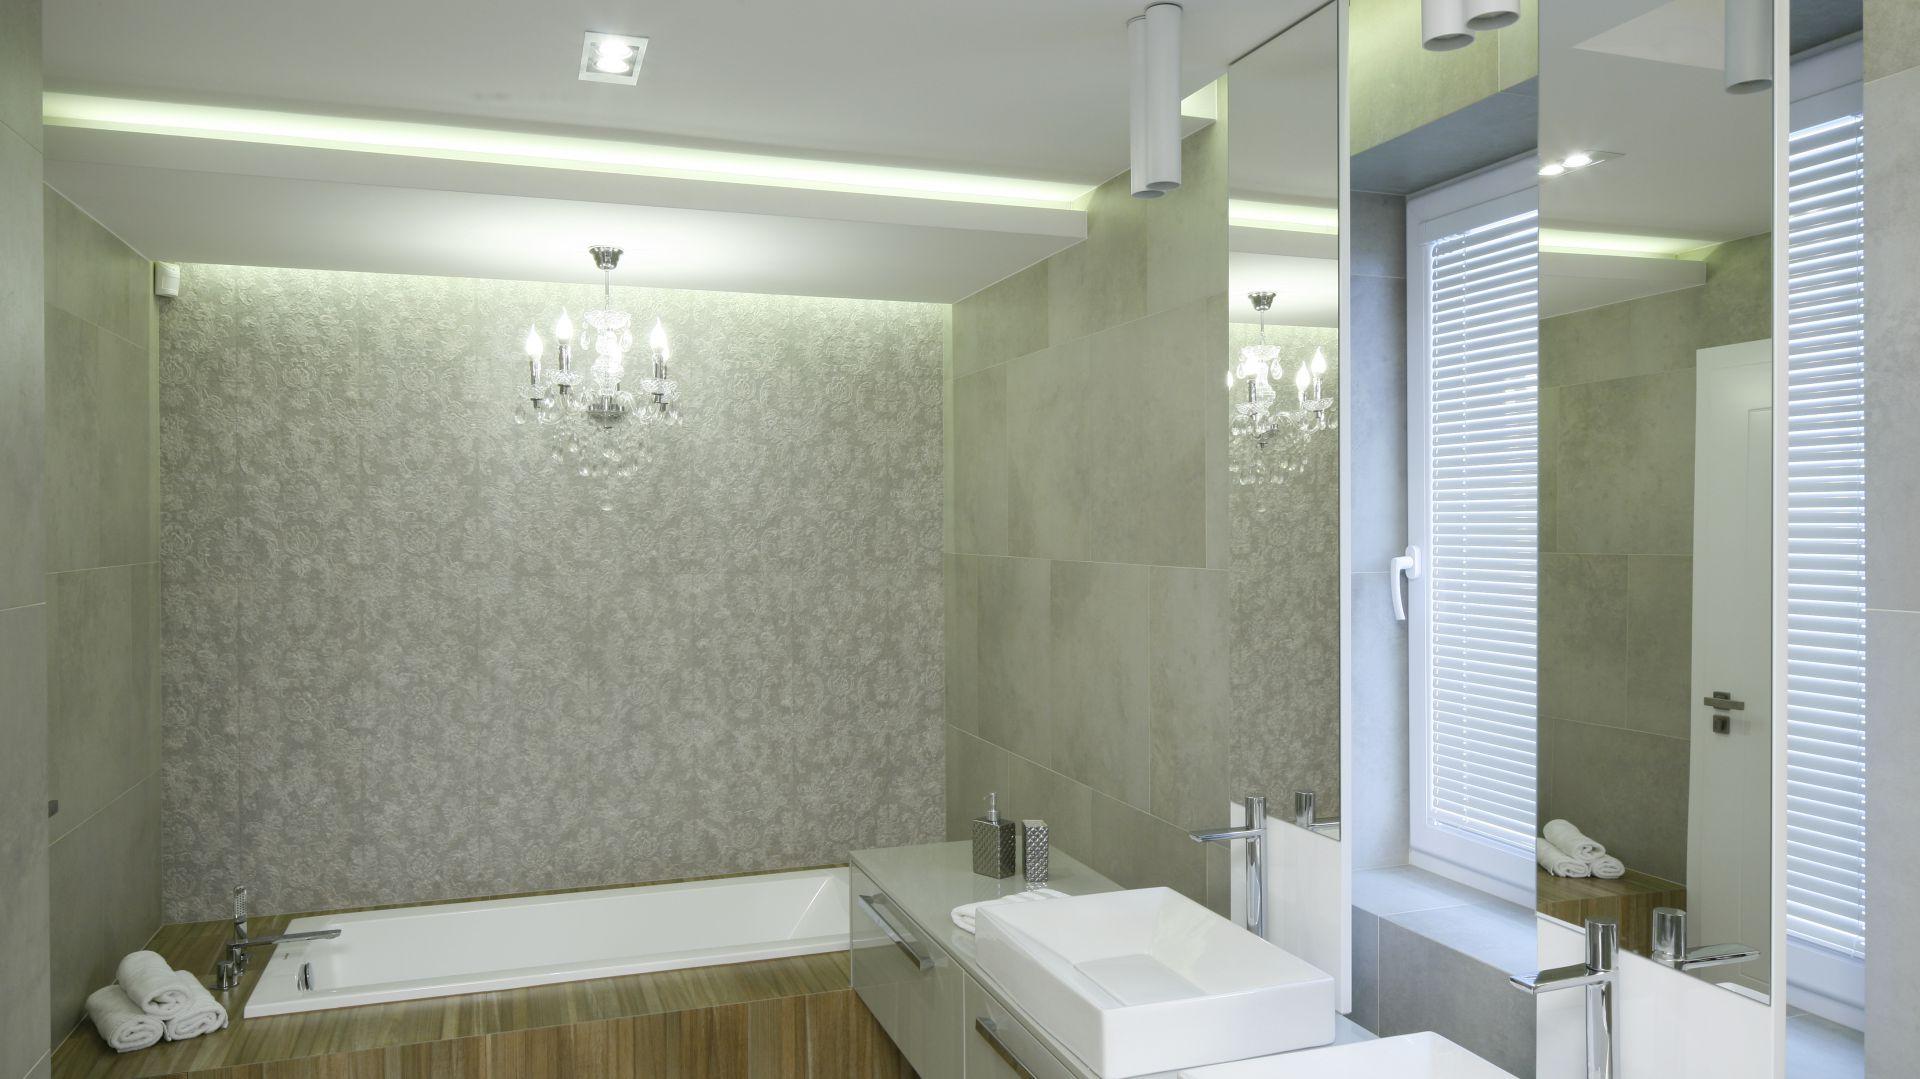 Oświetlenie w łazience. Projekt: Dominik Respondek. Fot. Bartosz Jarosz